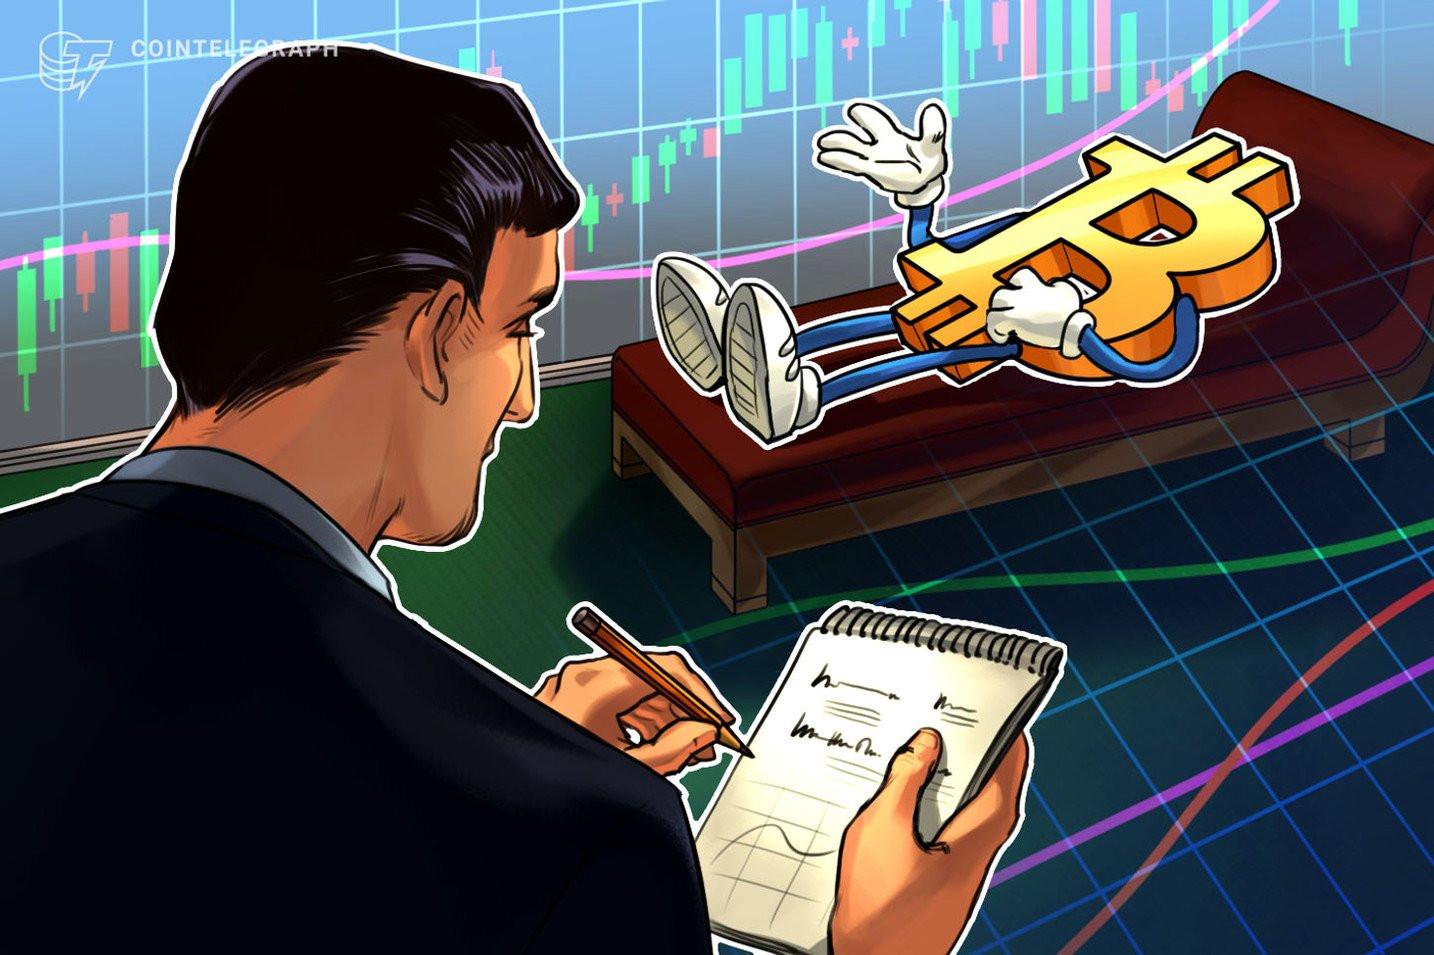 仮想通貨ビットコインは過小評価、今後の価格上昇につながるか|ガチホ勢も急増=調査